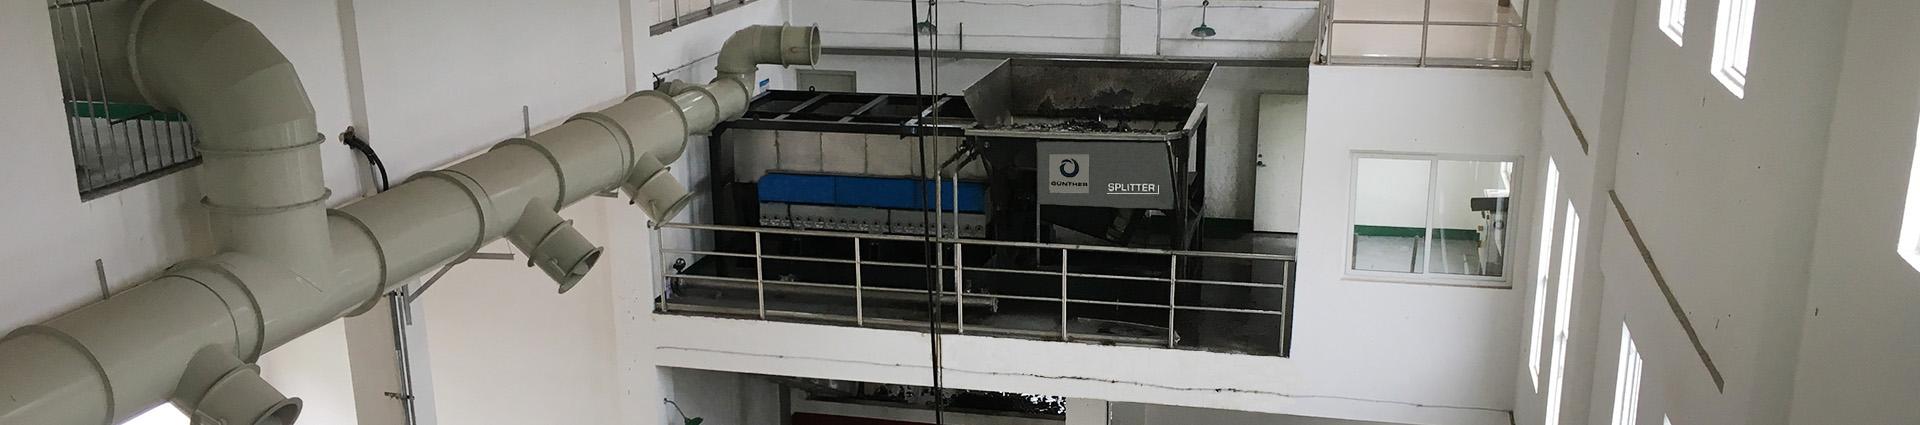 Spiralwellensieb SPLITTER Container Unit – Flat und Twin Wave Siebdeck